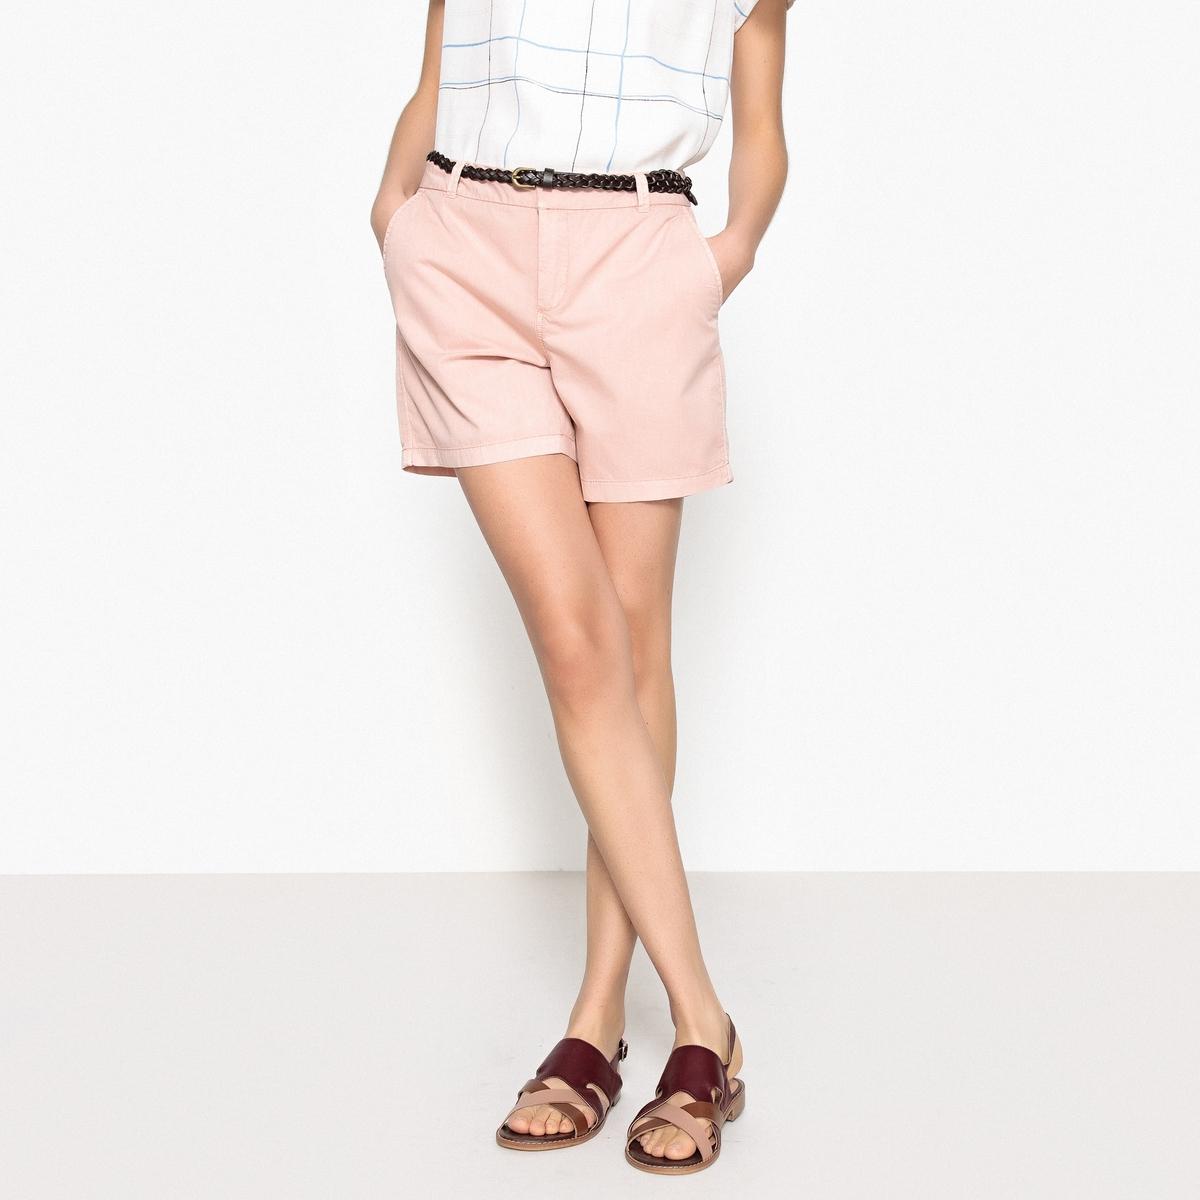 ШортыОписание:Детали •  Высота пояса : стандартная Состав и уход •  100% хлопок •  Следуйте рекомендациям по уходу, указанным на этикетке изделия<br><br>Цвет: светло-розовый